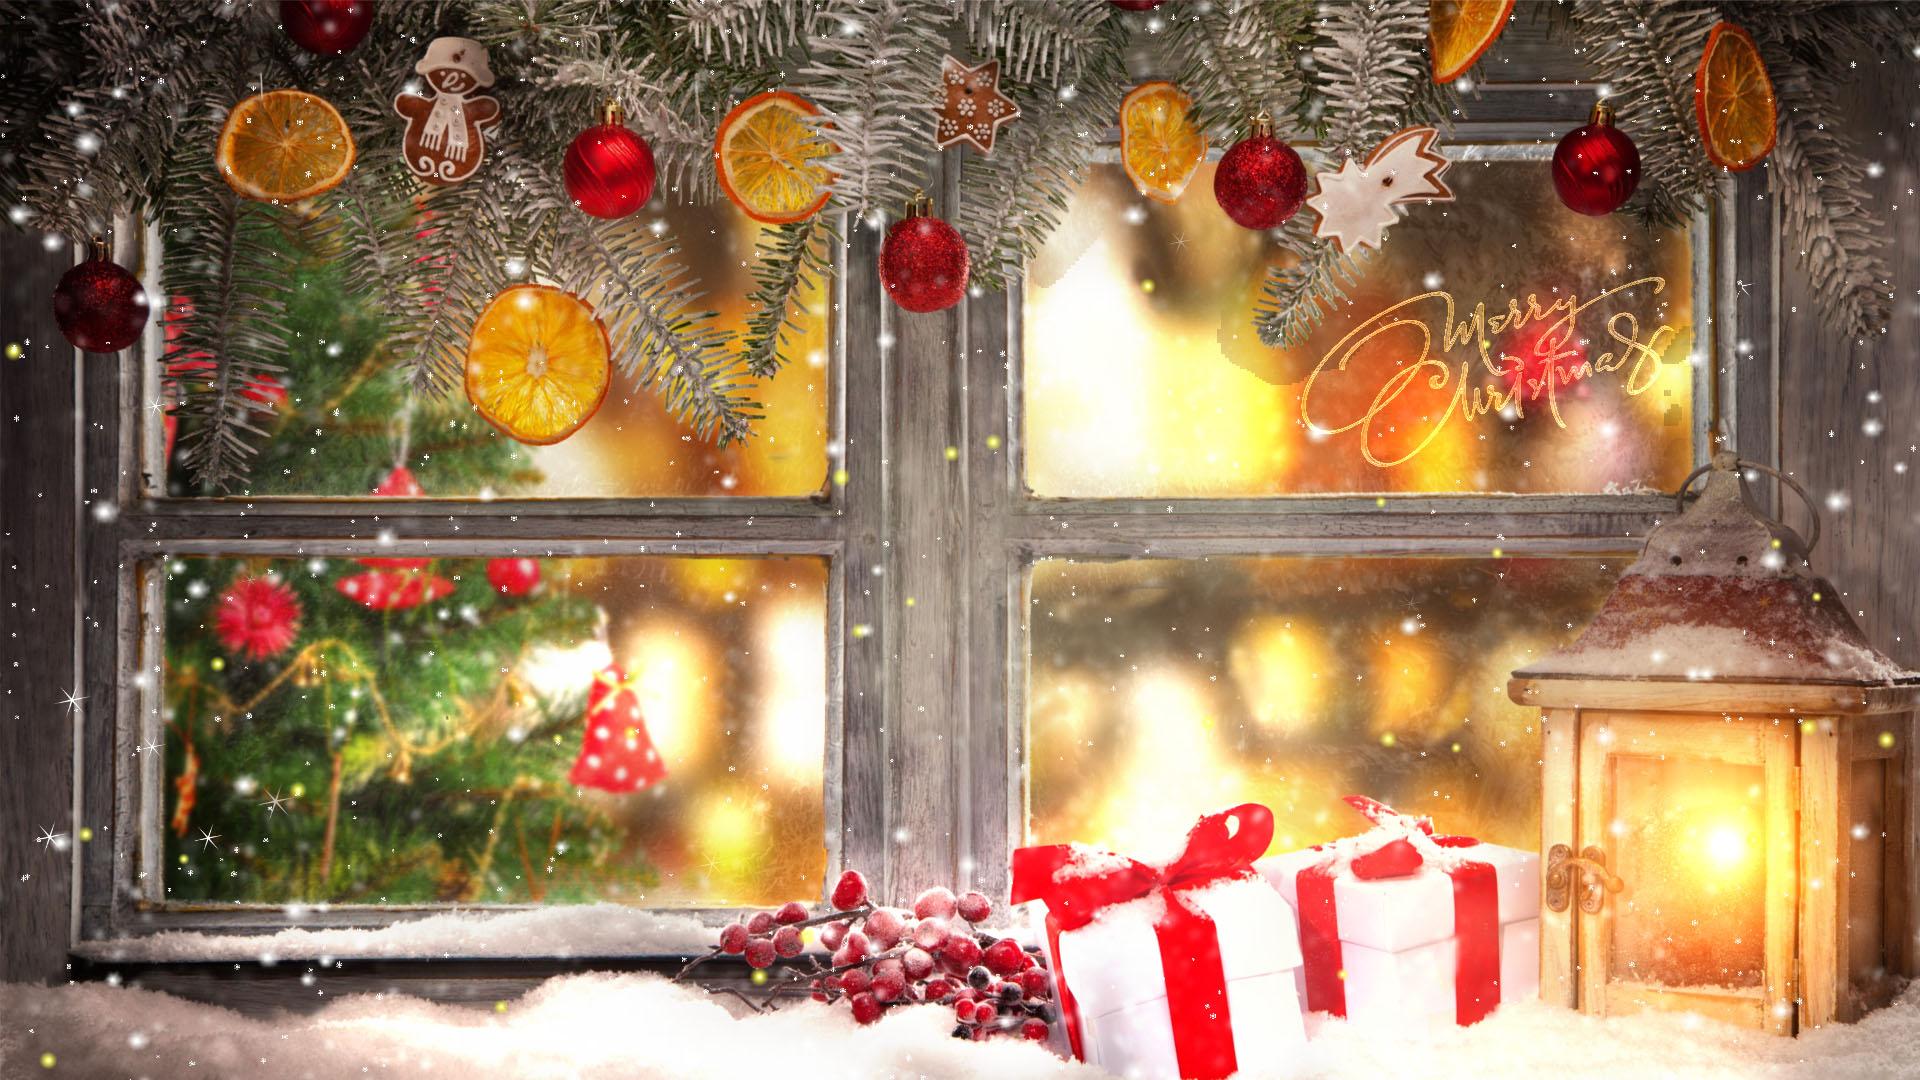 Christmas Mood Screensaver for Windows